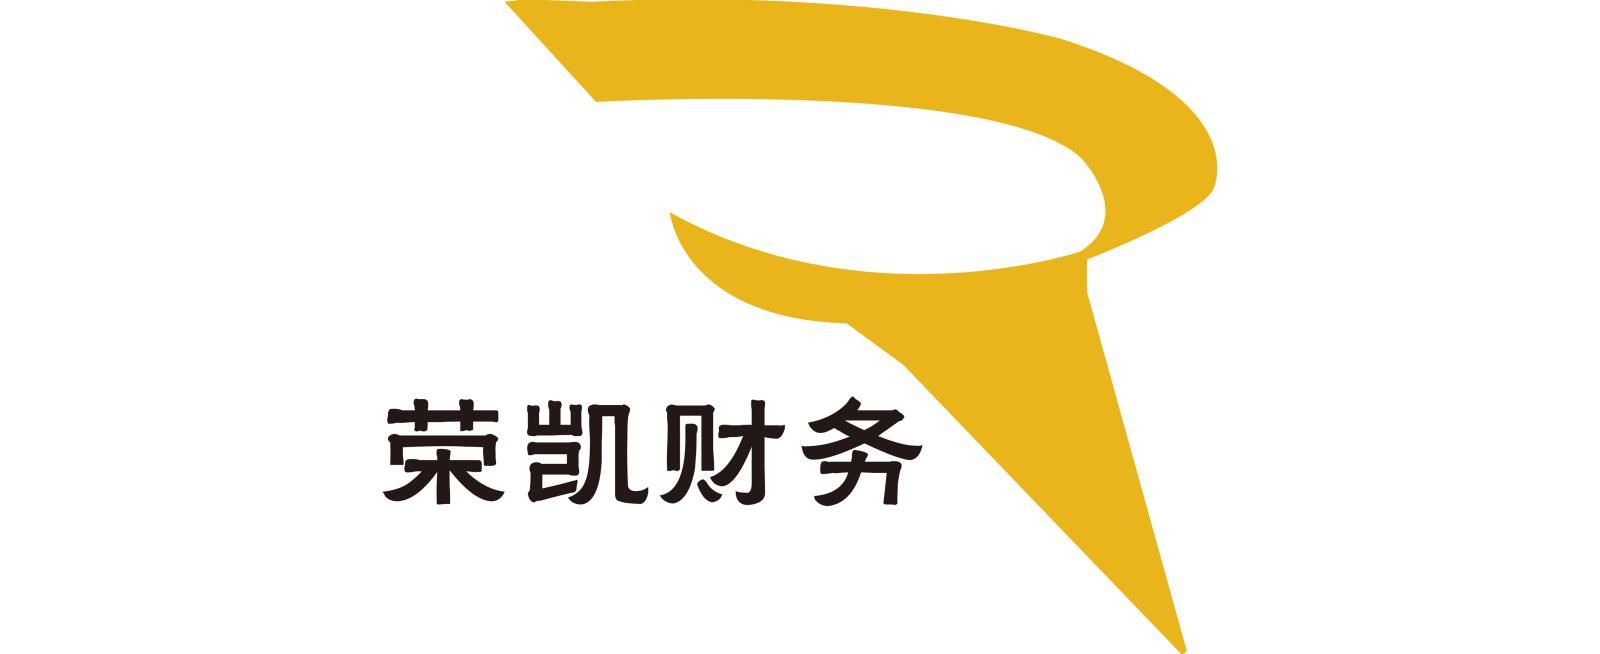 重庆荣凯财务咨询有限公司